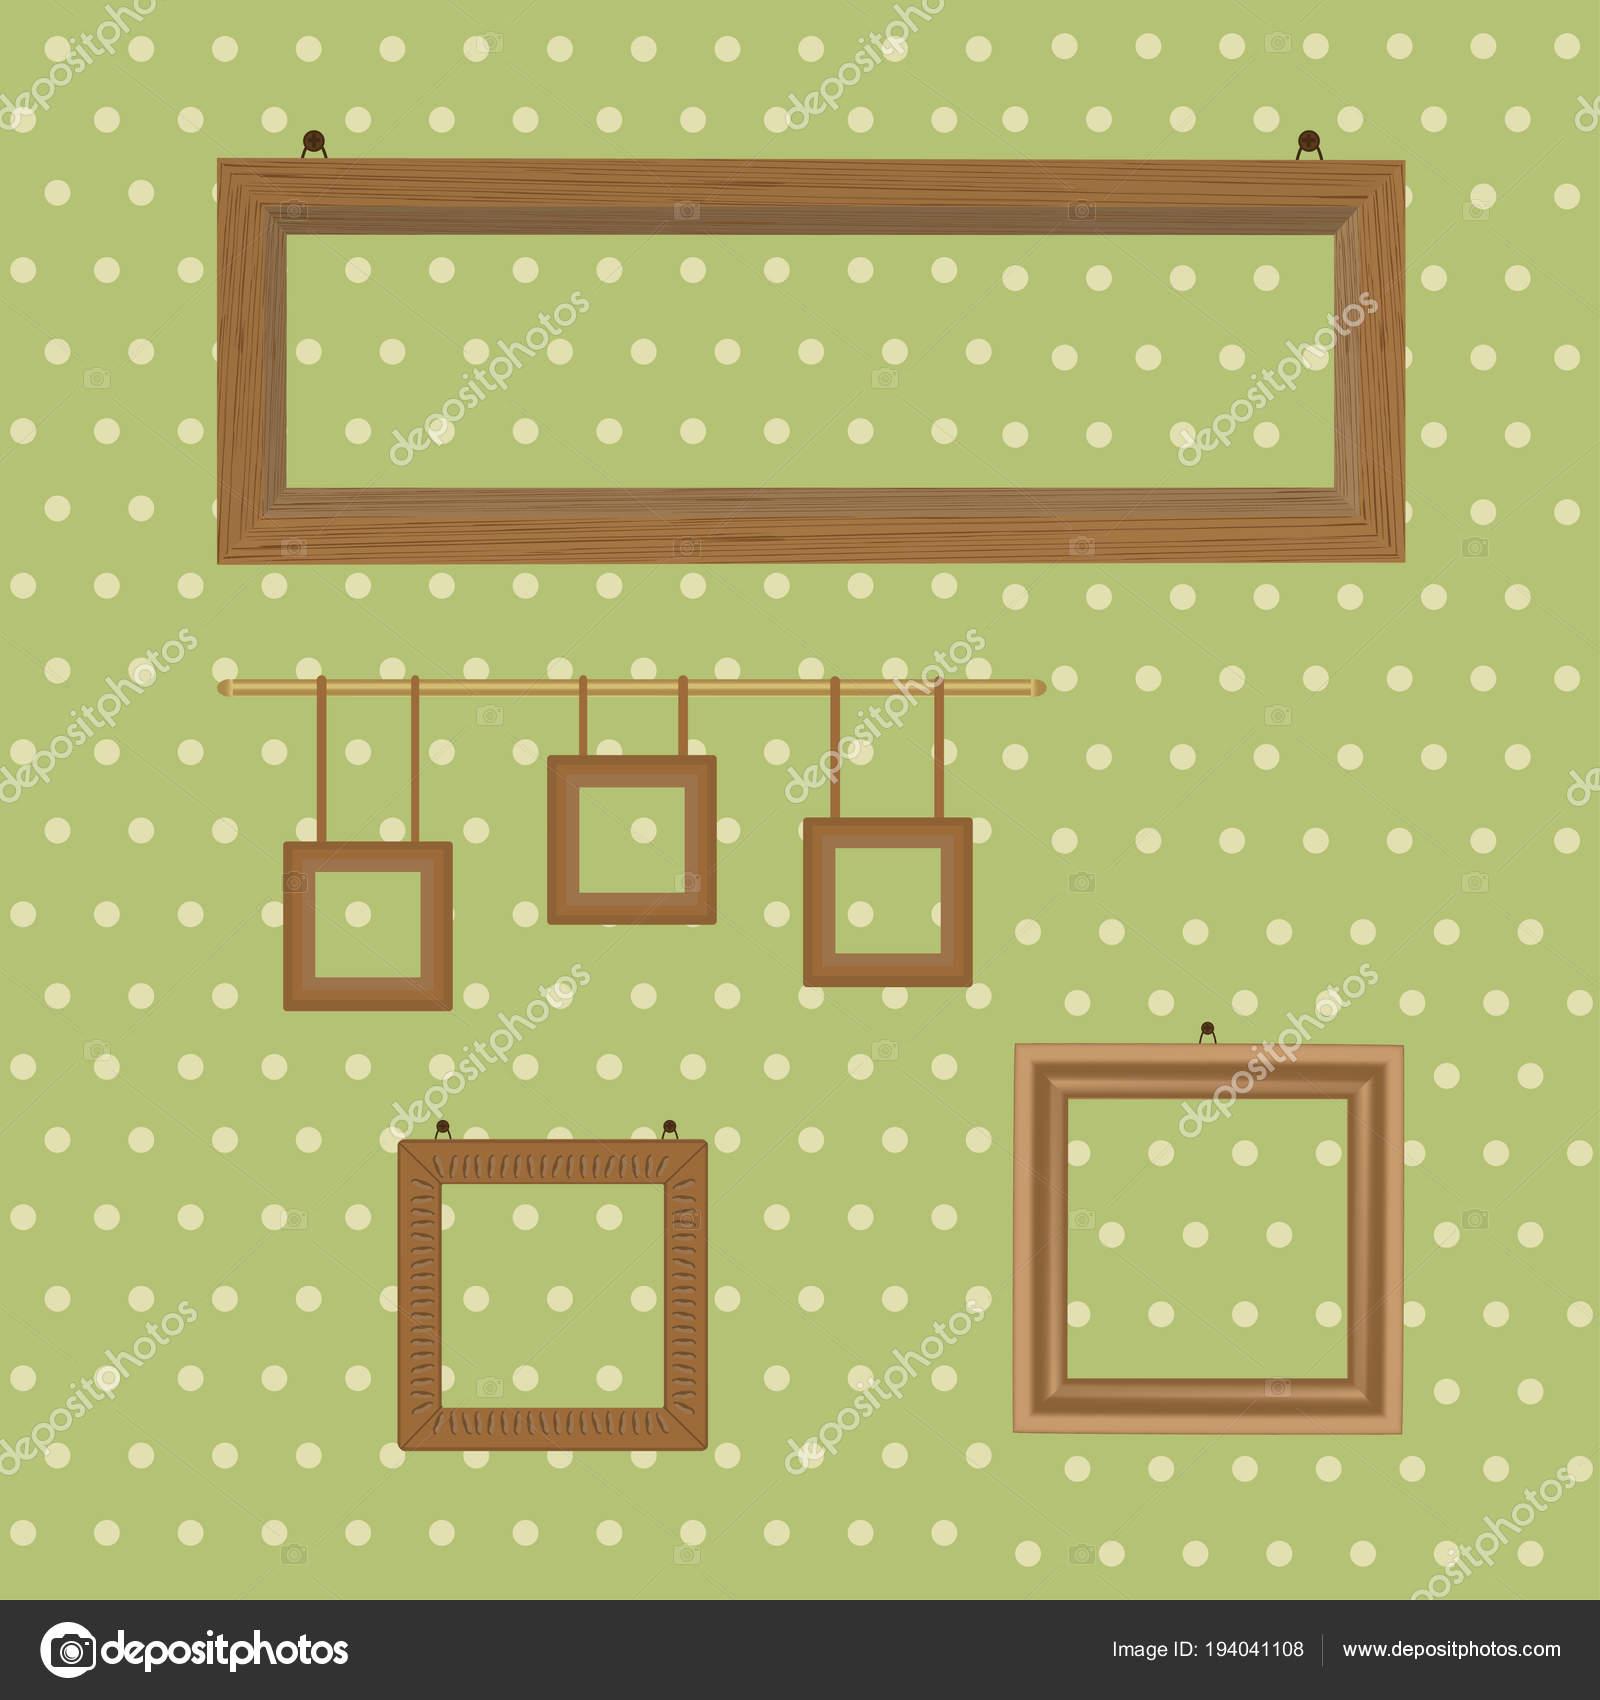 Conjunto de marcos de madera decorados en el fondo de papel pintado ...